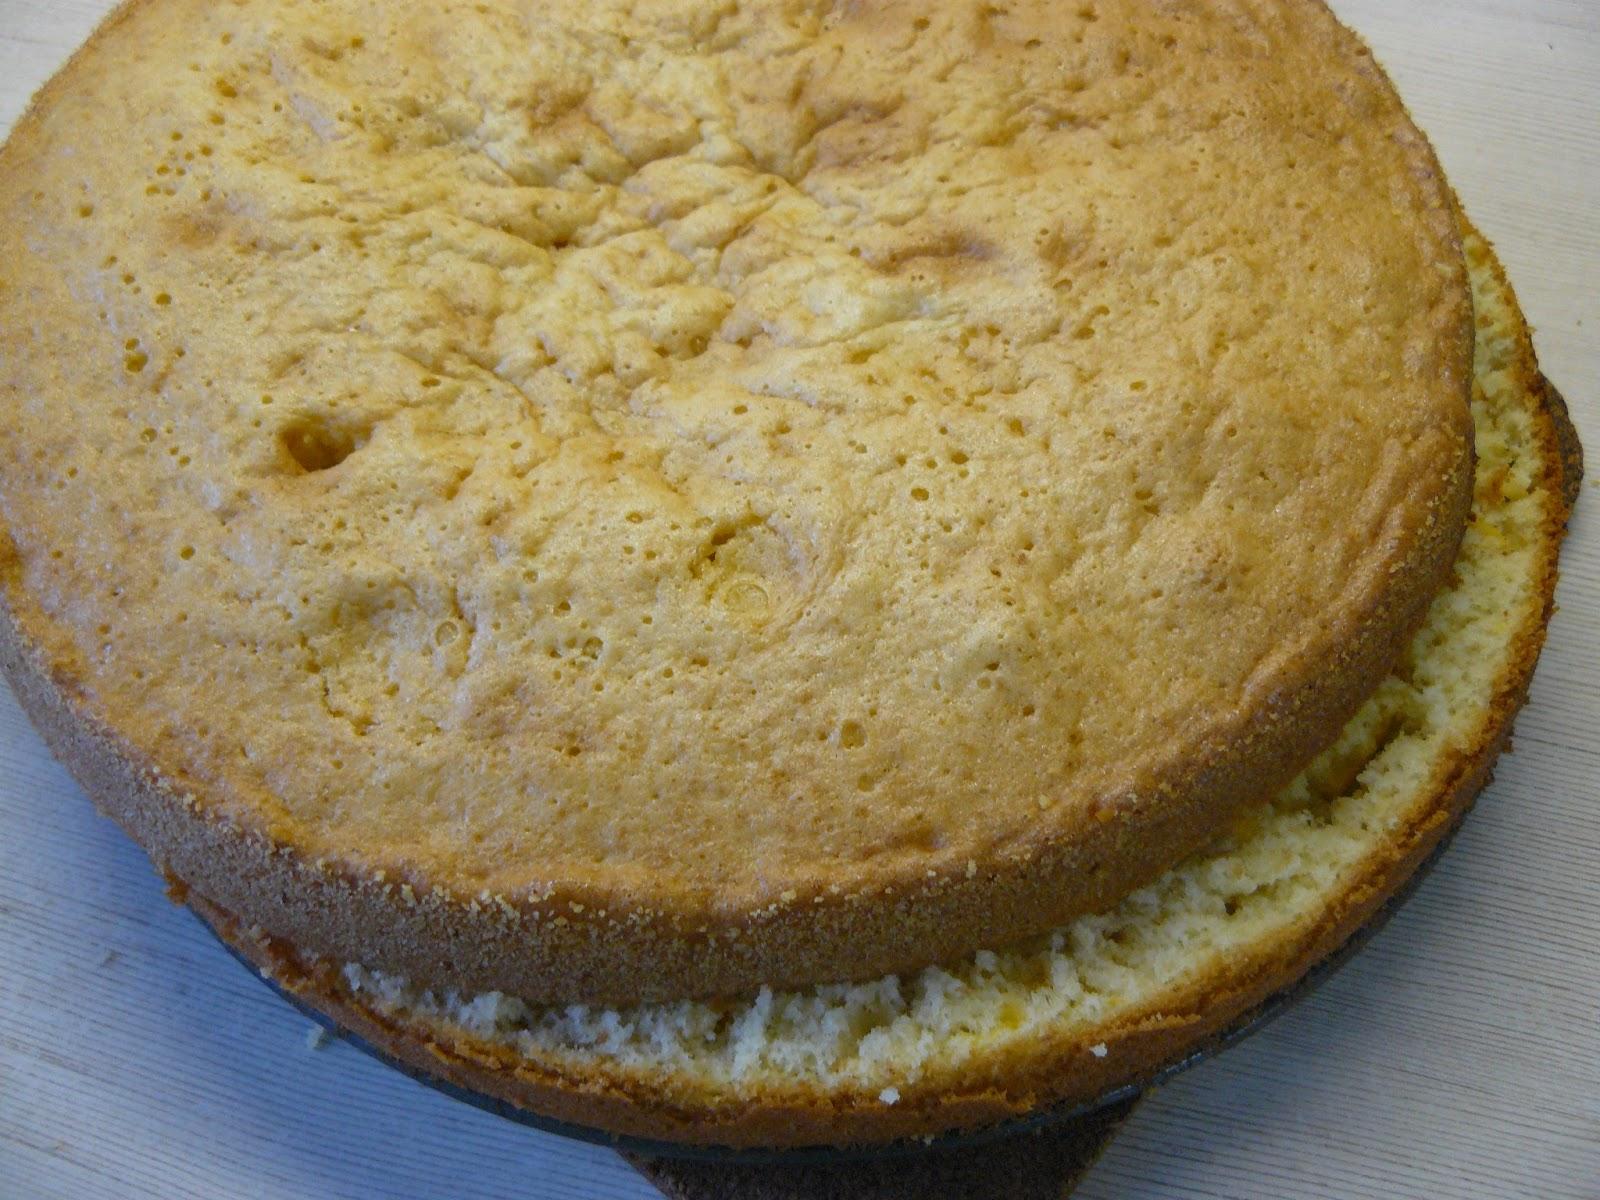 бисквитное тесто- быстрая шпаргалка по его приготовлению